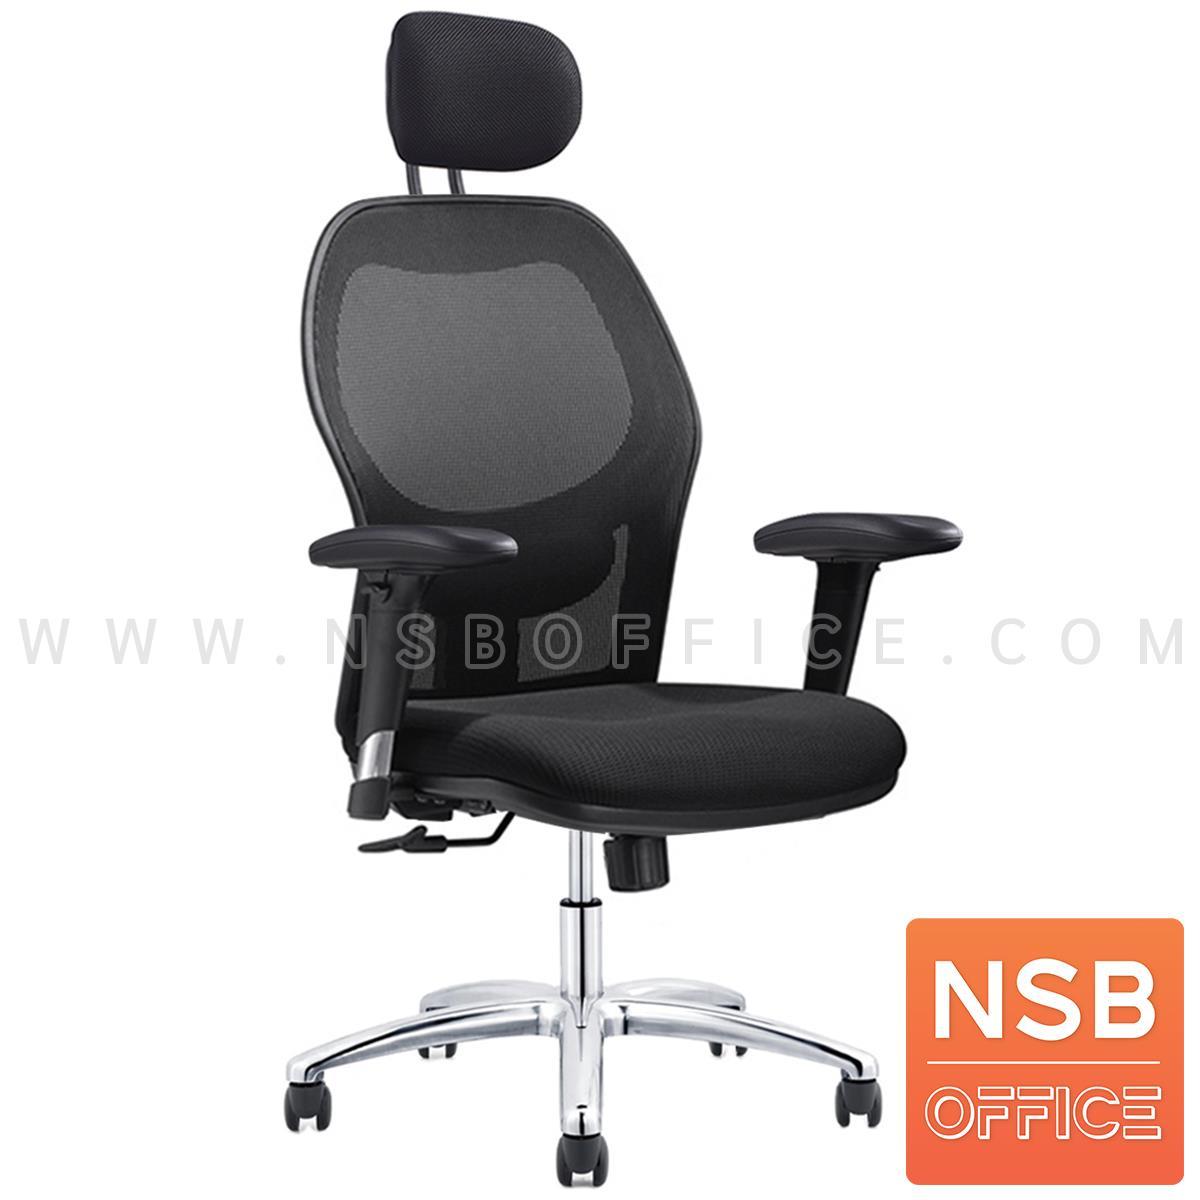 B28A119:เก้าอี้ผู้บริหารหลังเน็ต รุ่น Mimosa-2 (มิโมซา-2)  โช๊คแก๊ส มีก้อนโยก ขาอลูมิเนียม